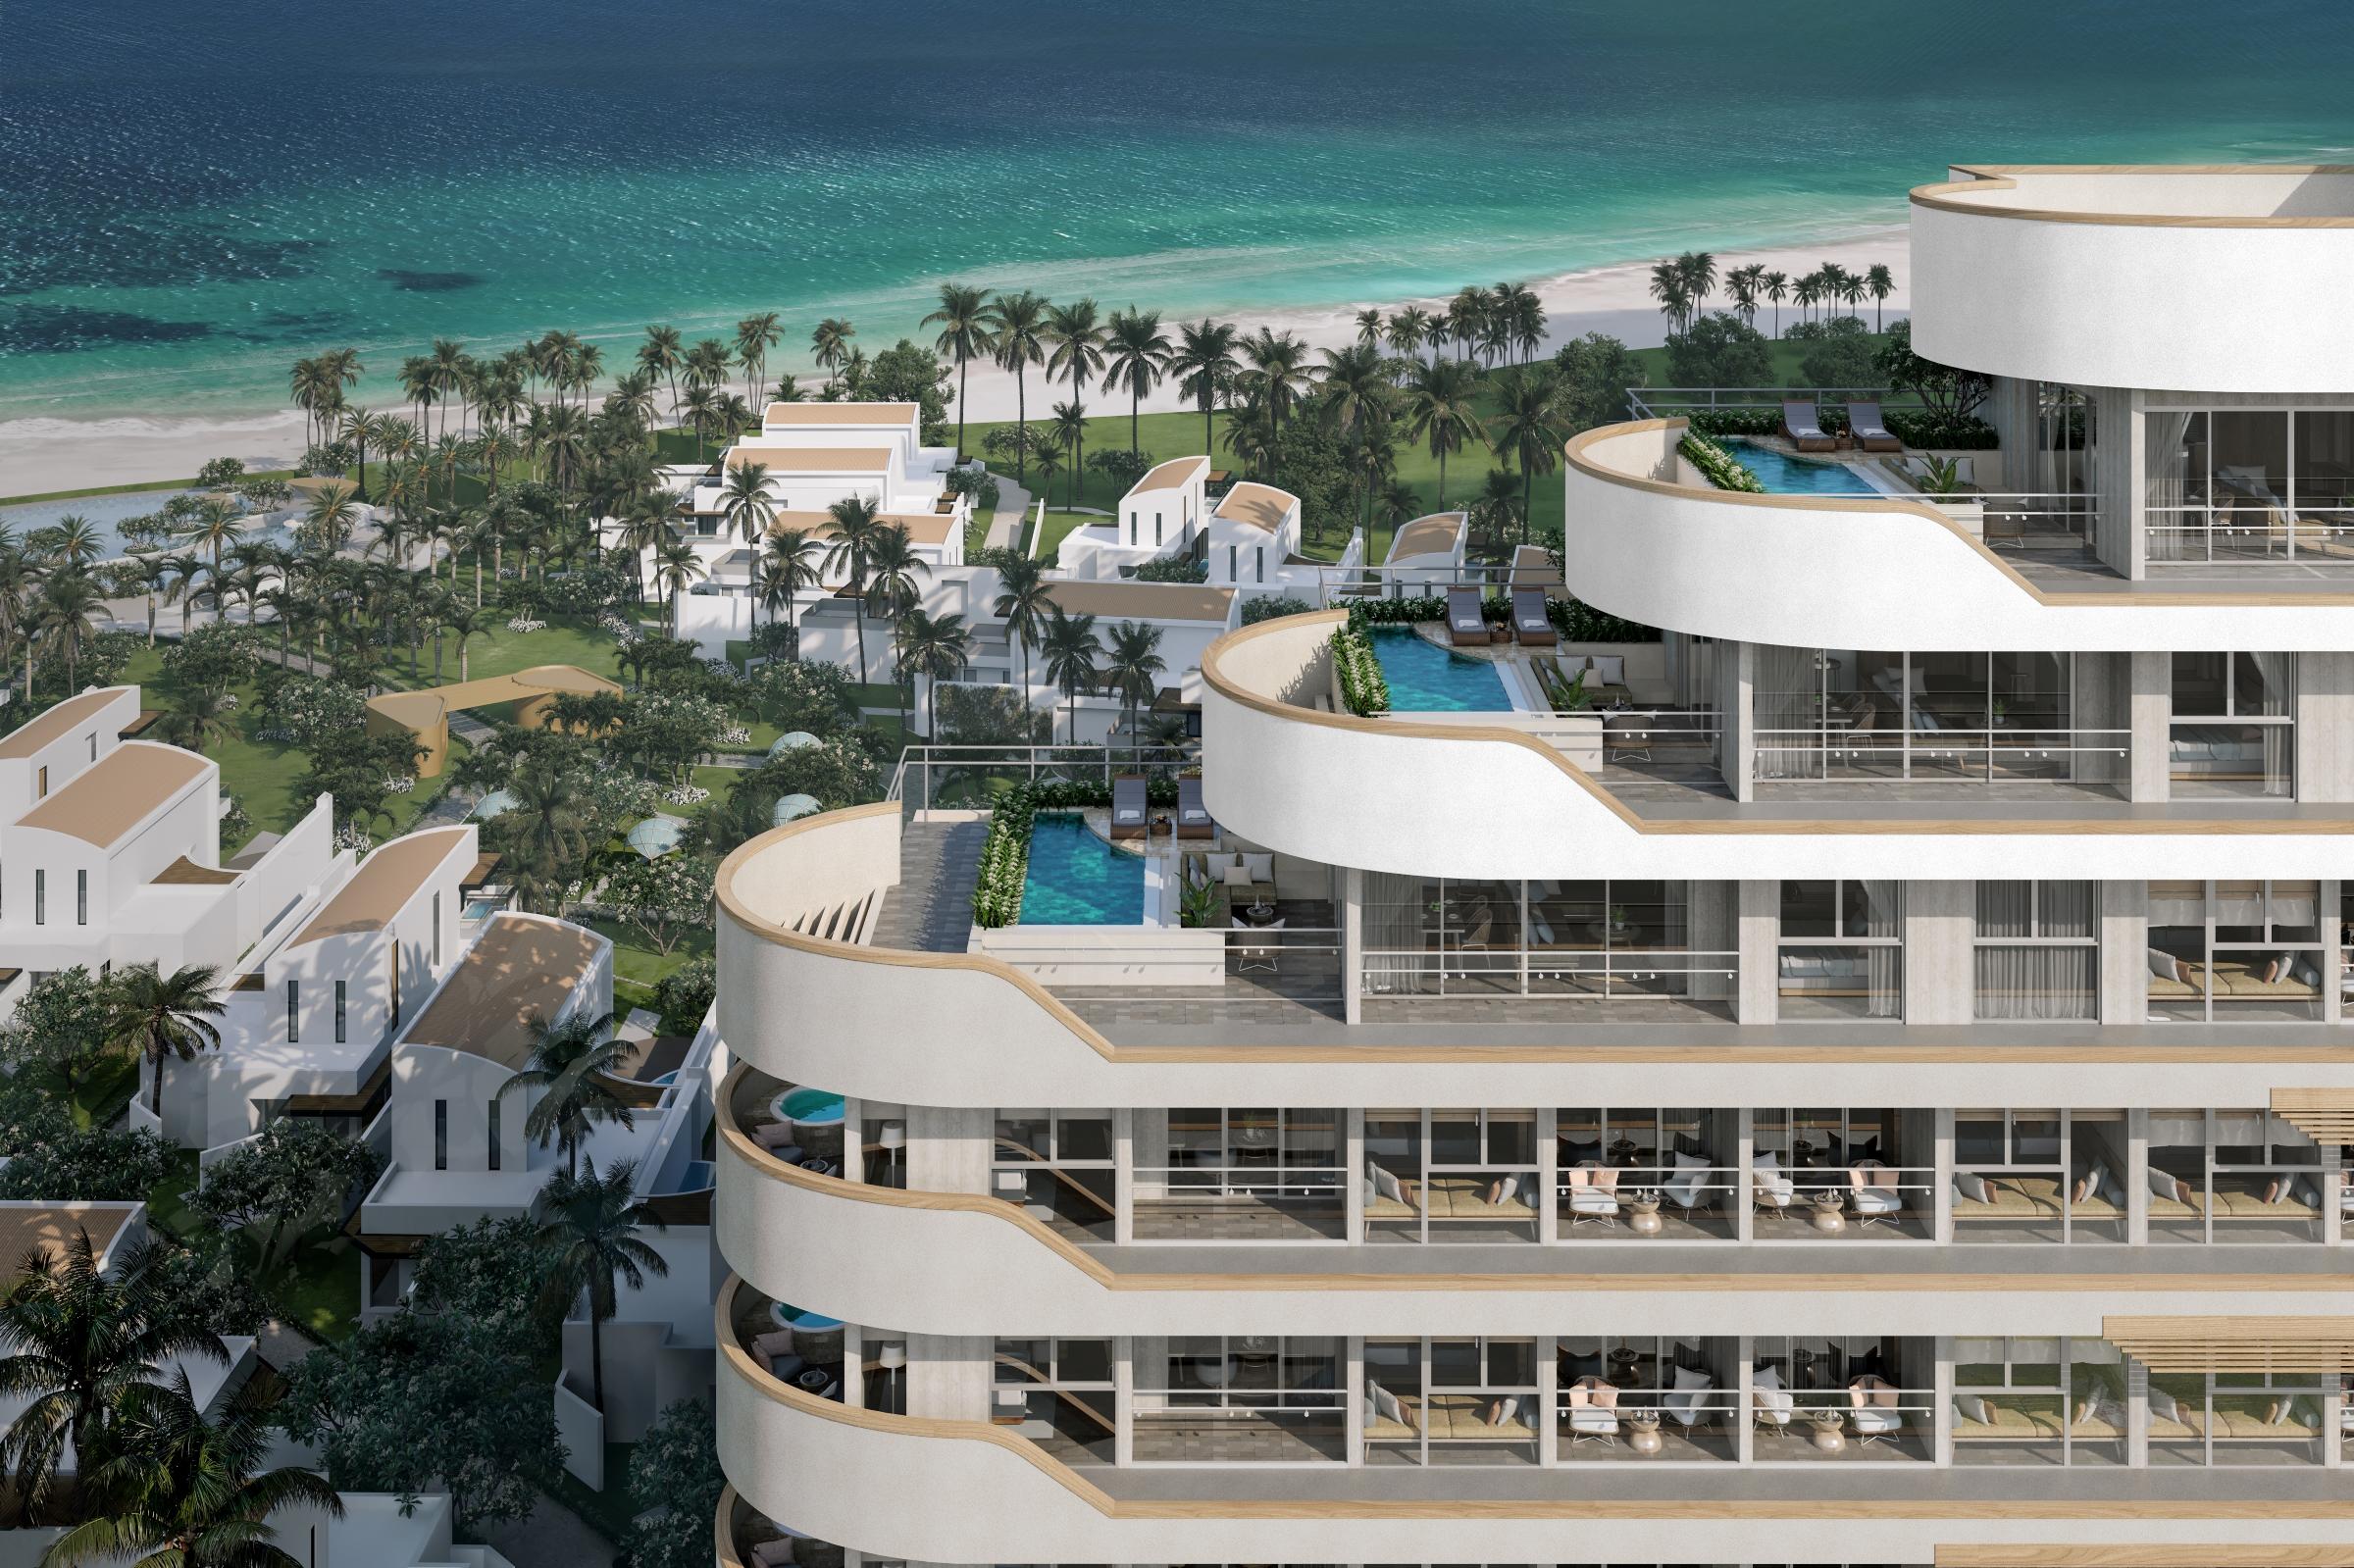 Ixora Ho Tram by Fusion hứa hẹn thành điểm đến nghỉ dưỡng miền nhiệt đới hấp dẫn. Ảnh phối cảnh: Ldogis Hospitality.